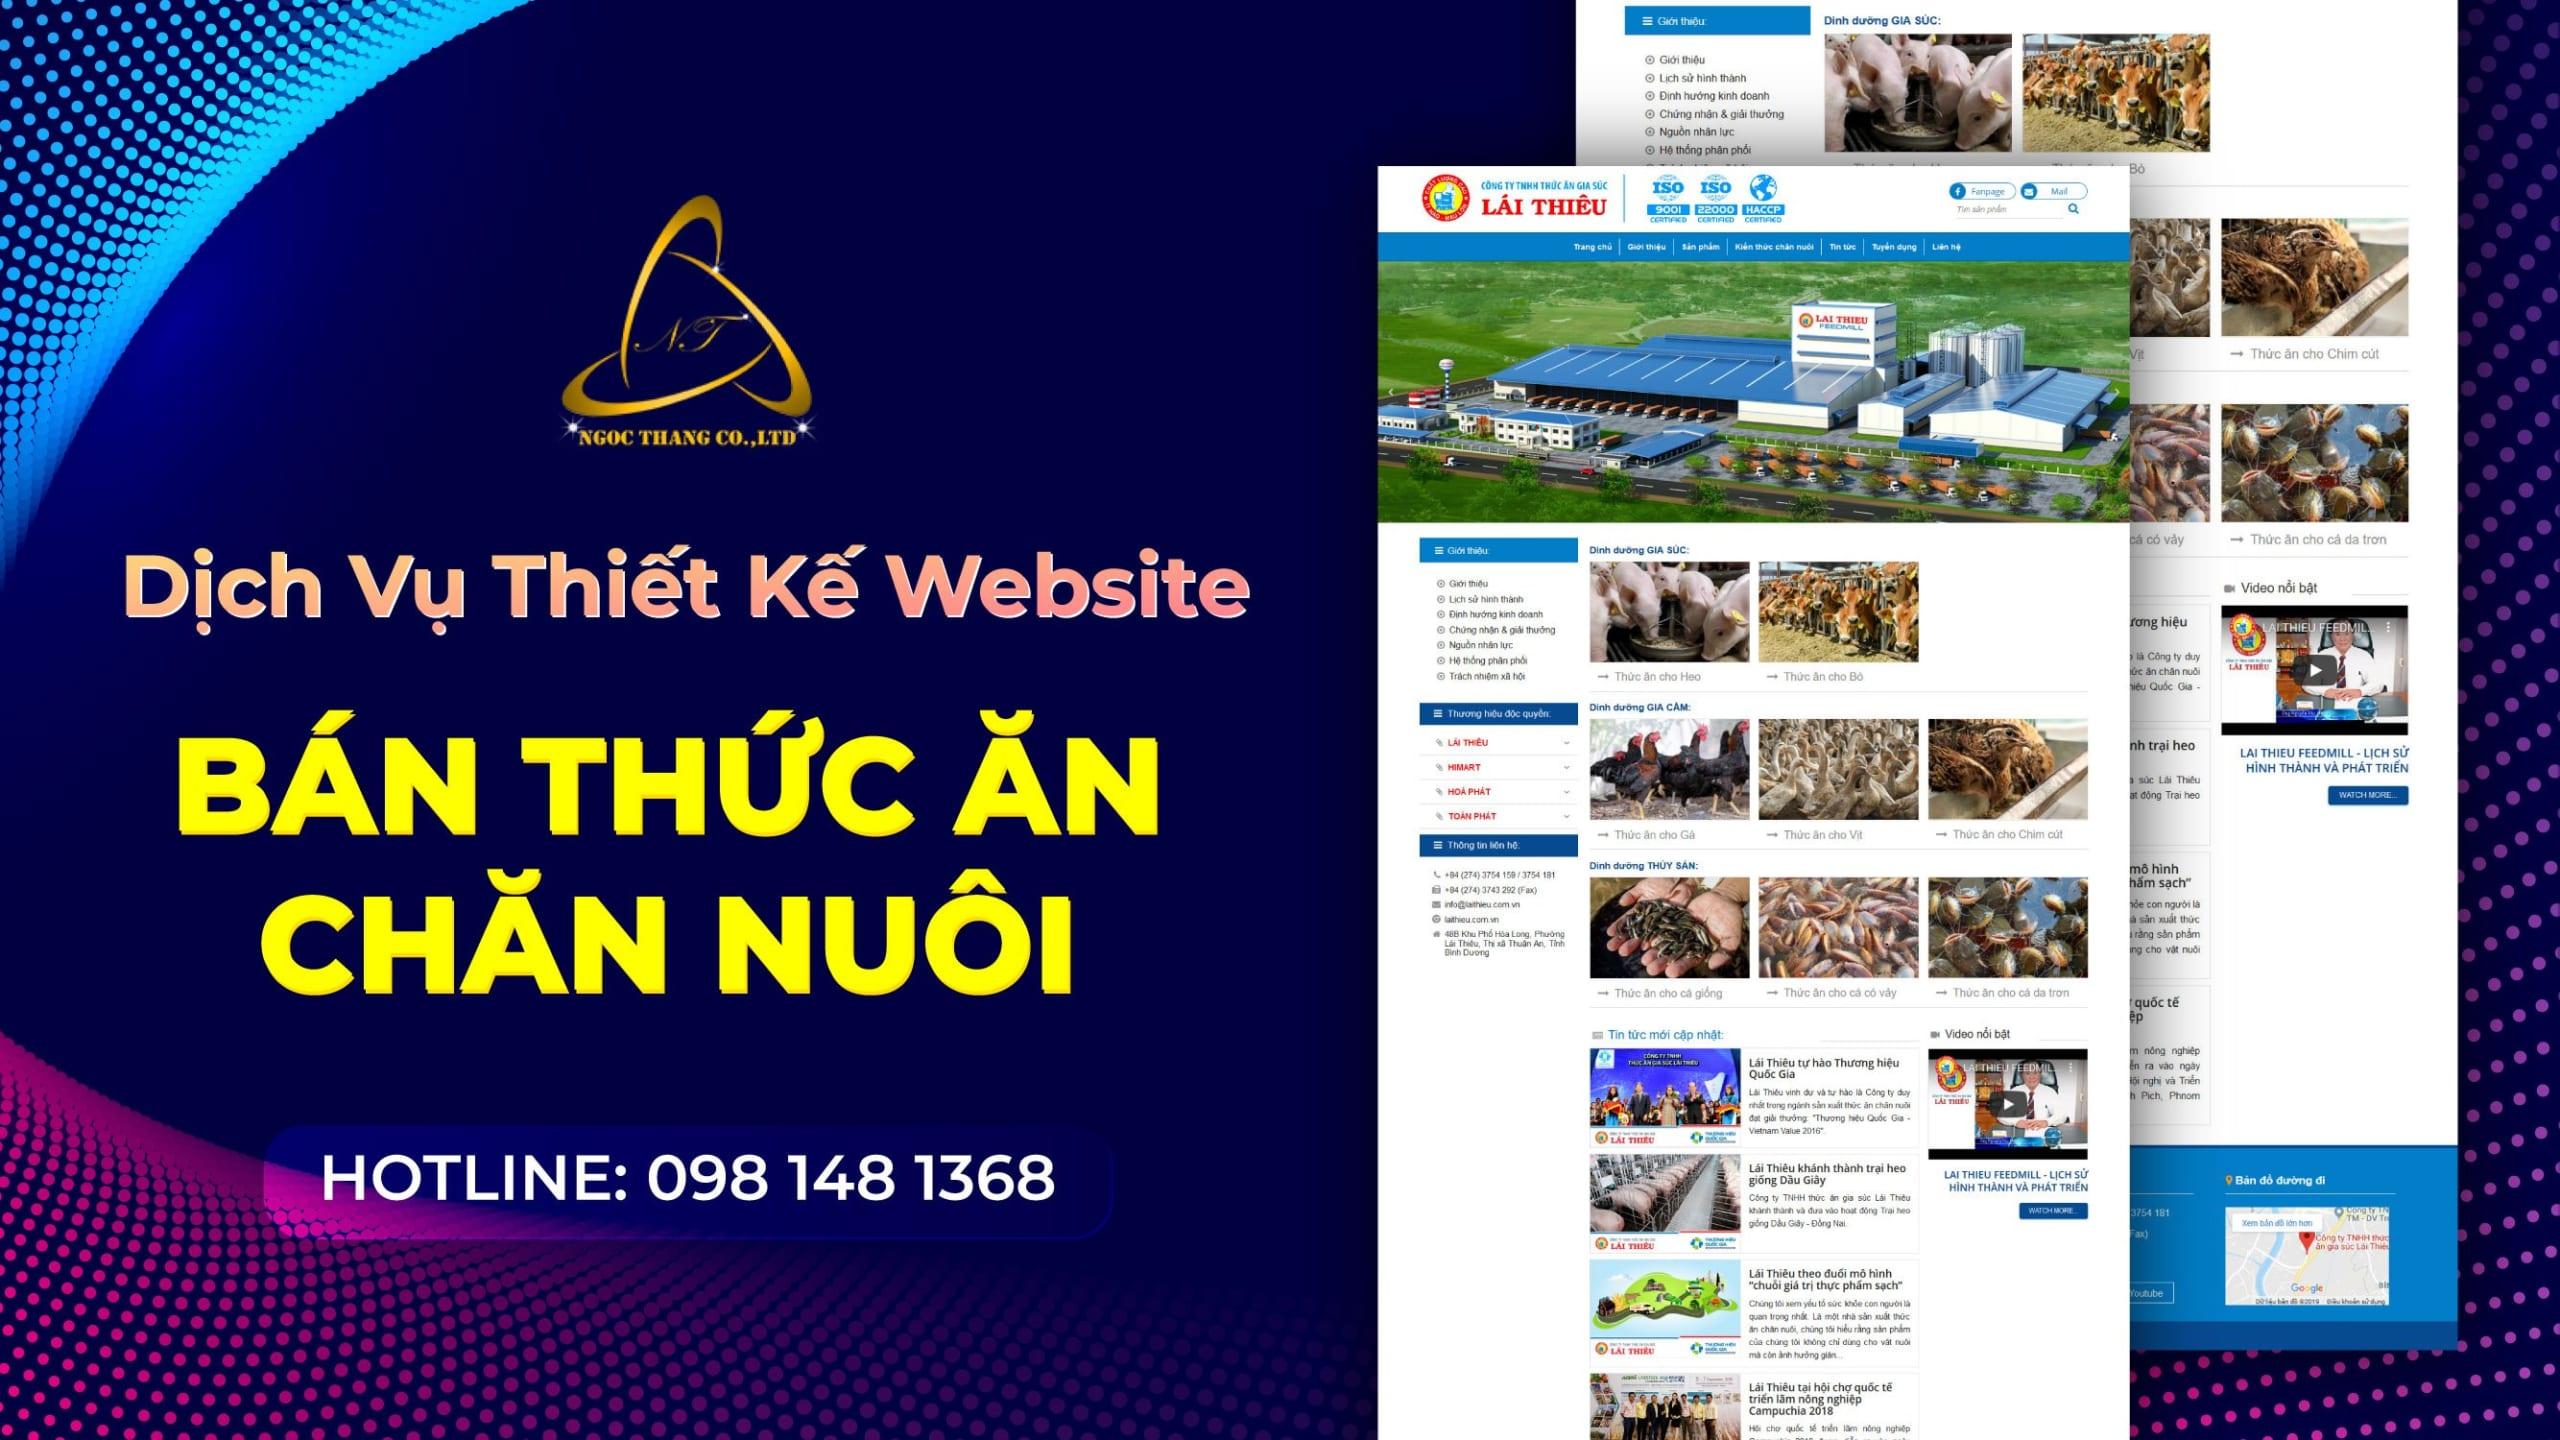 Thiết kế website bán thức ăn chăn nuôi